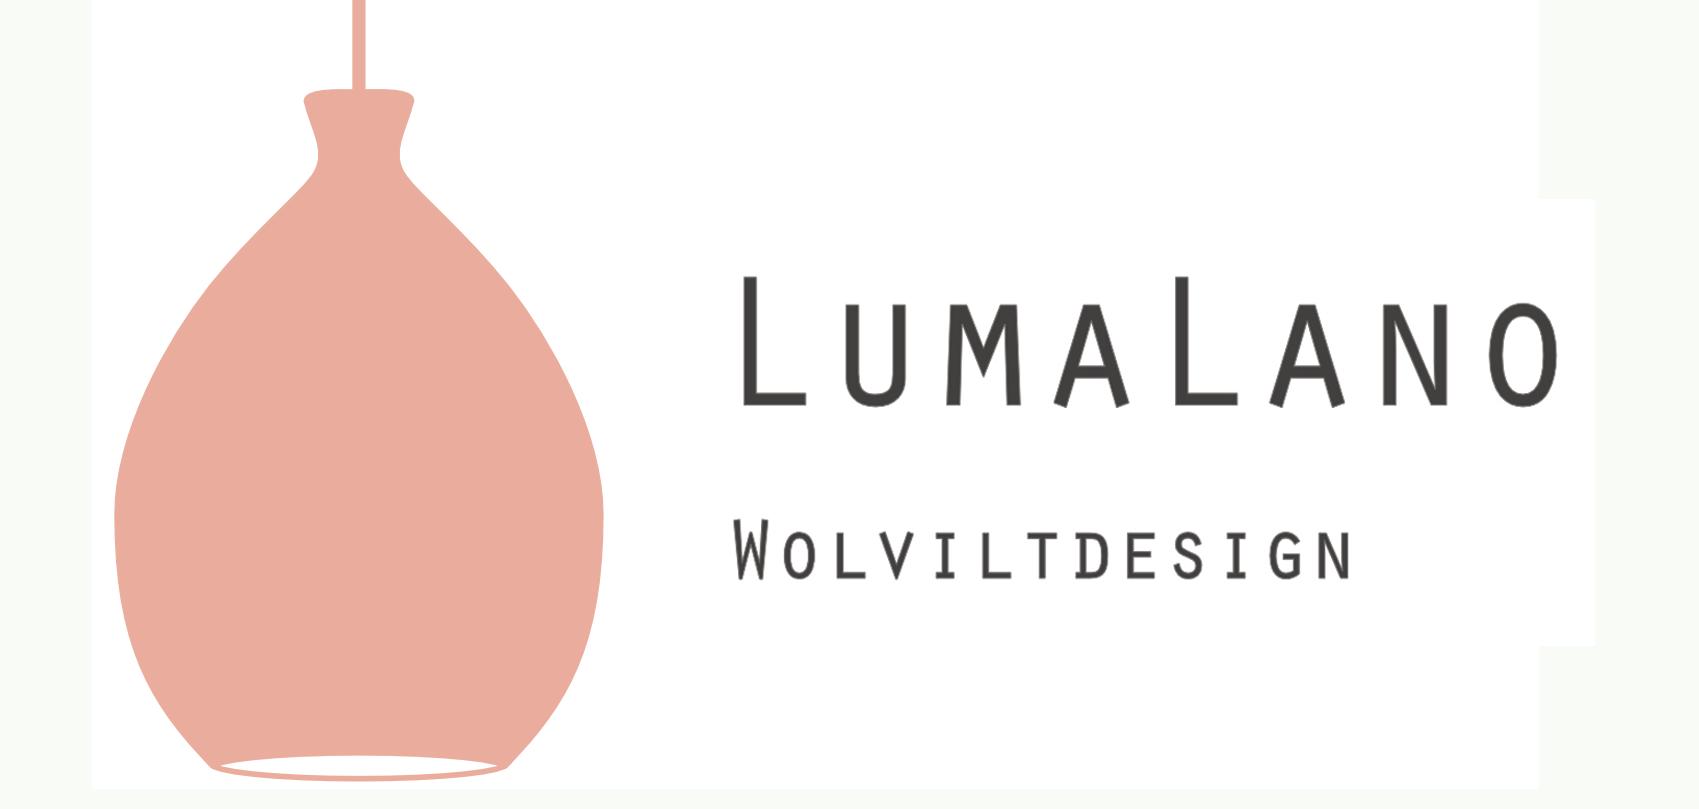 LumaLano